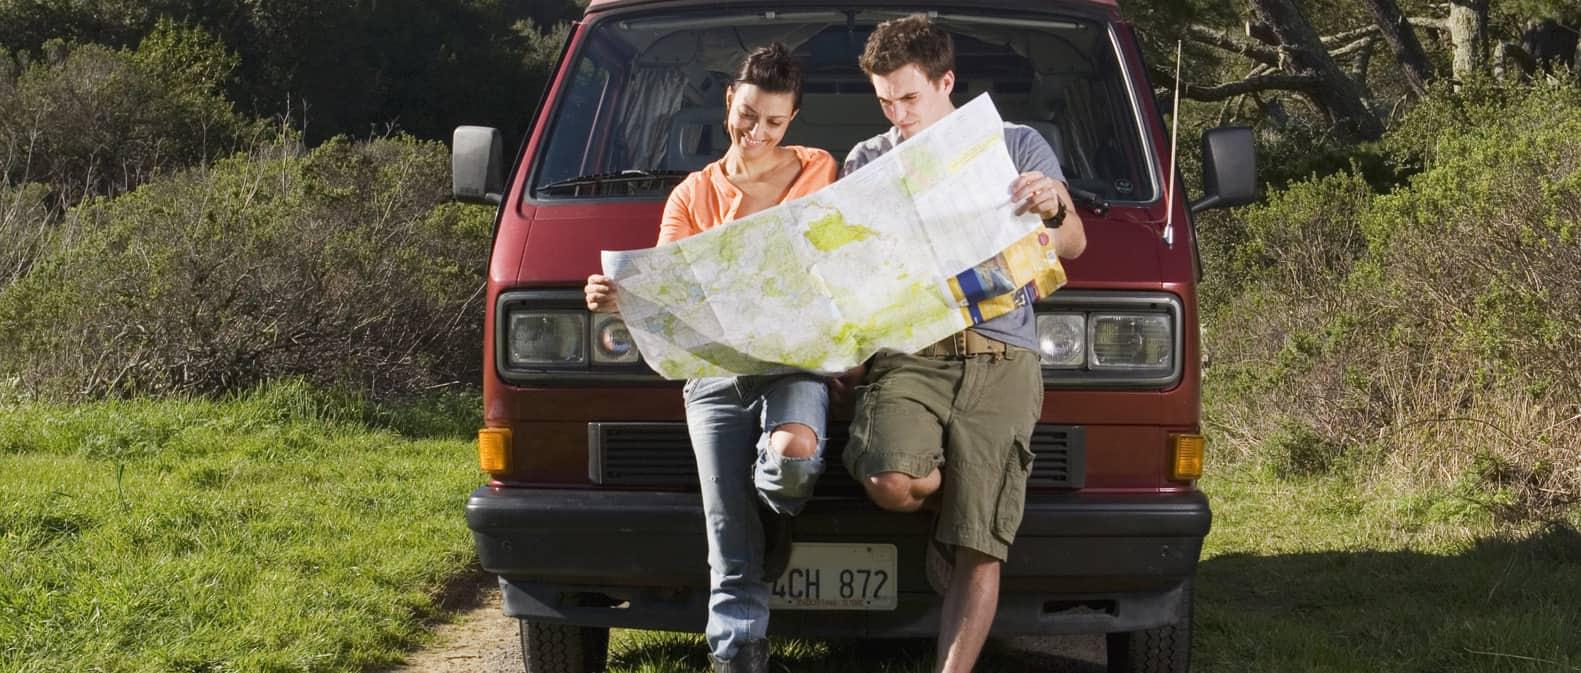 La mejor forma de realizar un viaje por carretera